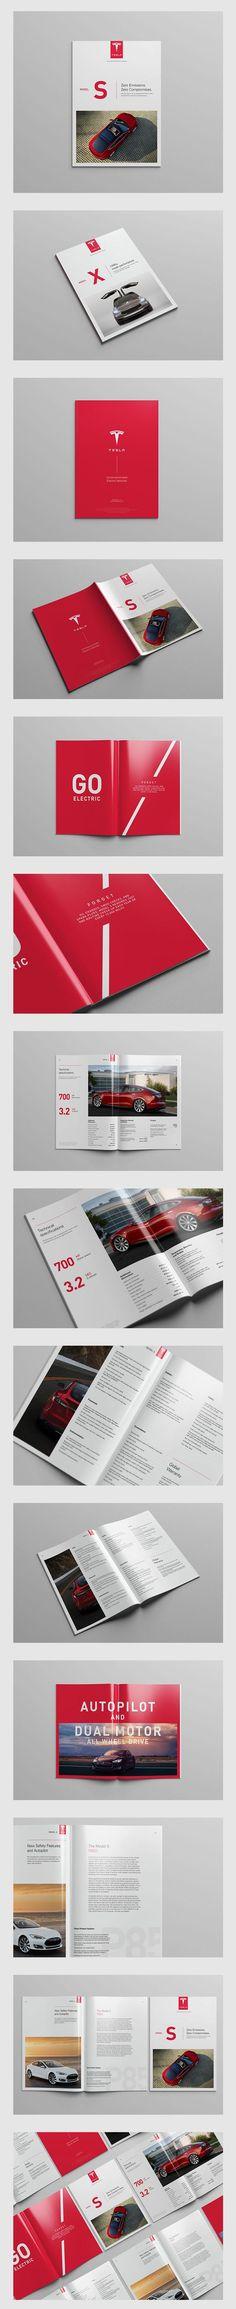 https://www.behance.net/gallery/21436127/Tesla-Model-S-Catalog